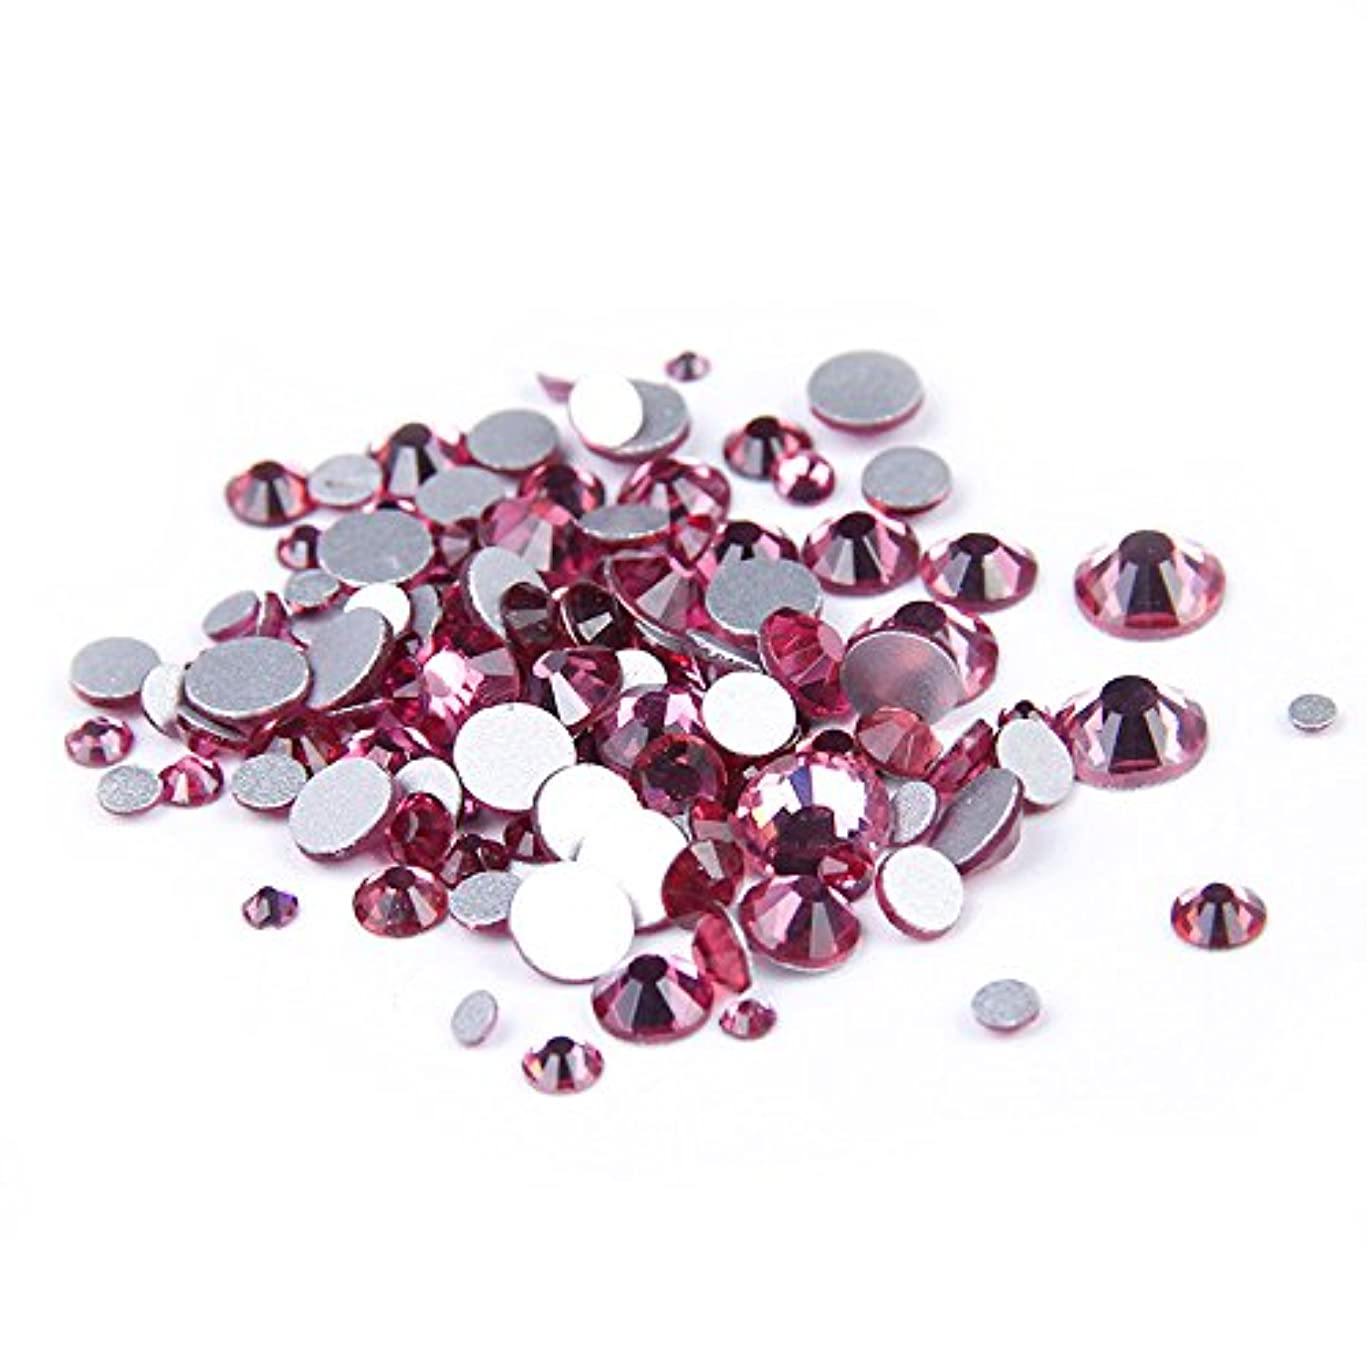 省略動かす断言するNizi ジュエリー ブランド ローズ ラインストーン は ガラスの材質 ネイル使用 型番ss3-ss34 (混合サイズ 1000pcs)